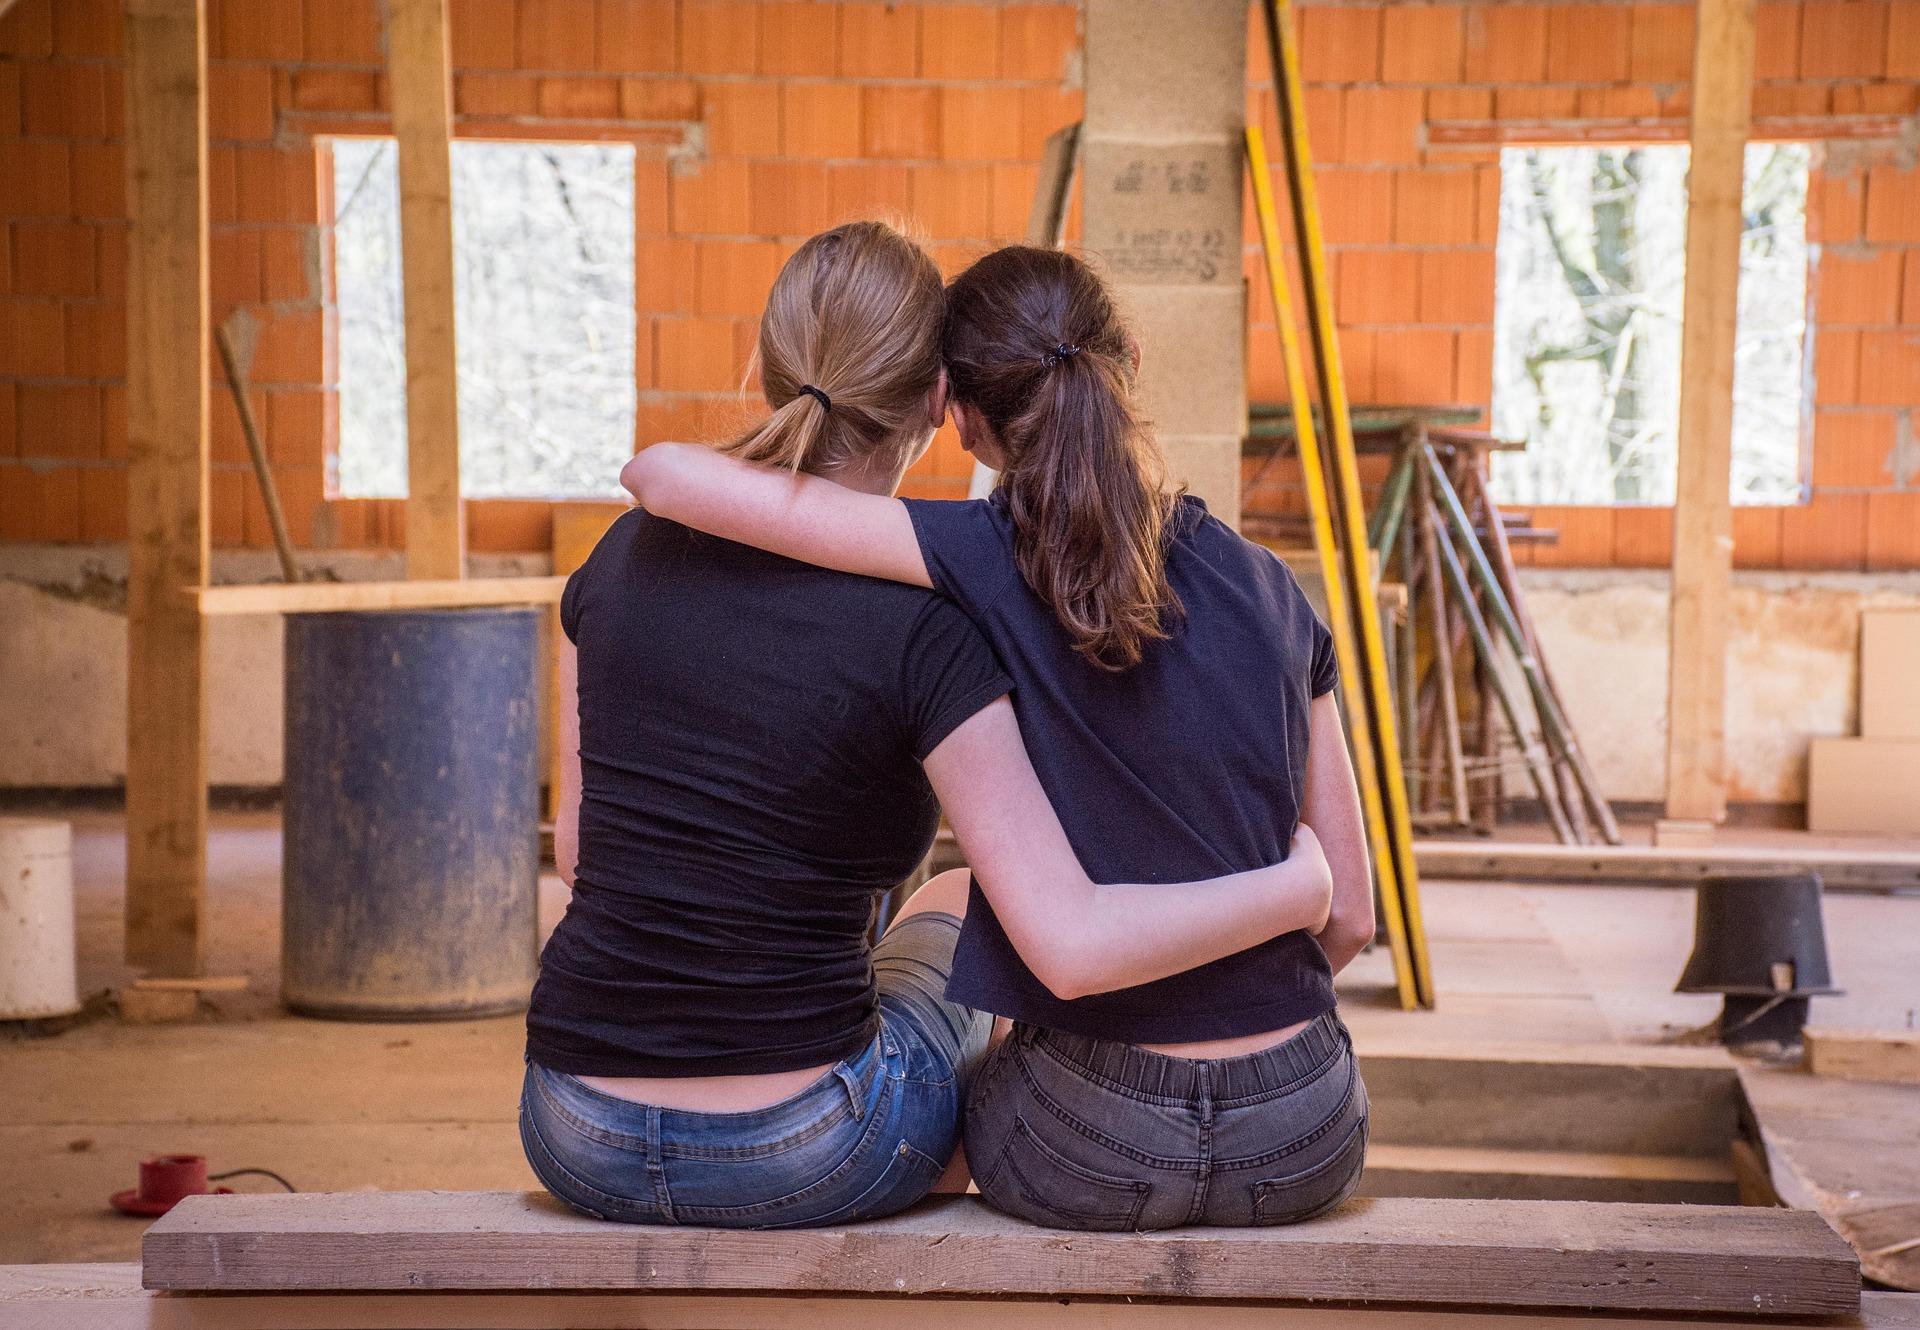 Hausbau Leipzig - Das richtige Bauunternehmen finden - Termin Bau Leipzig